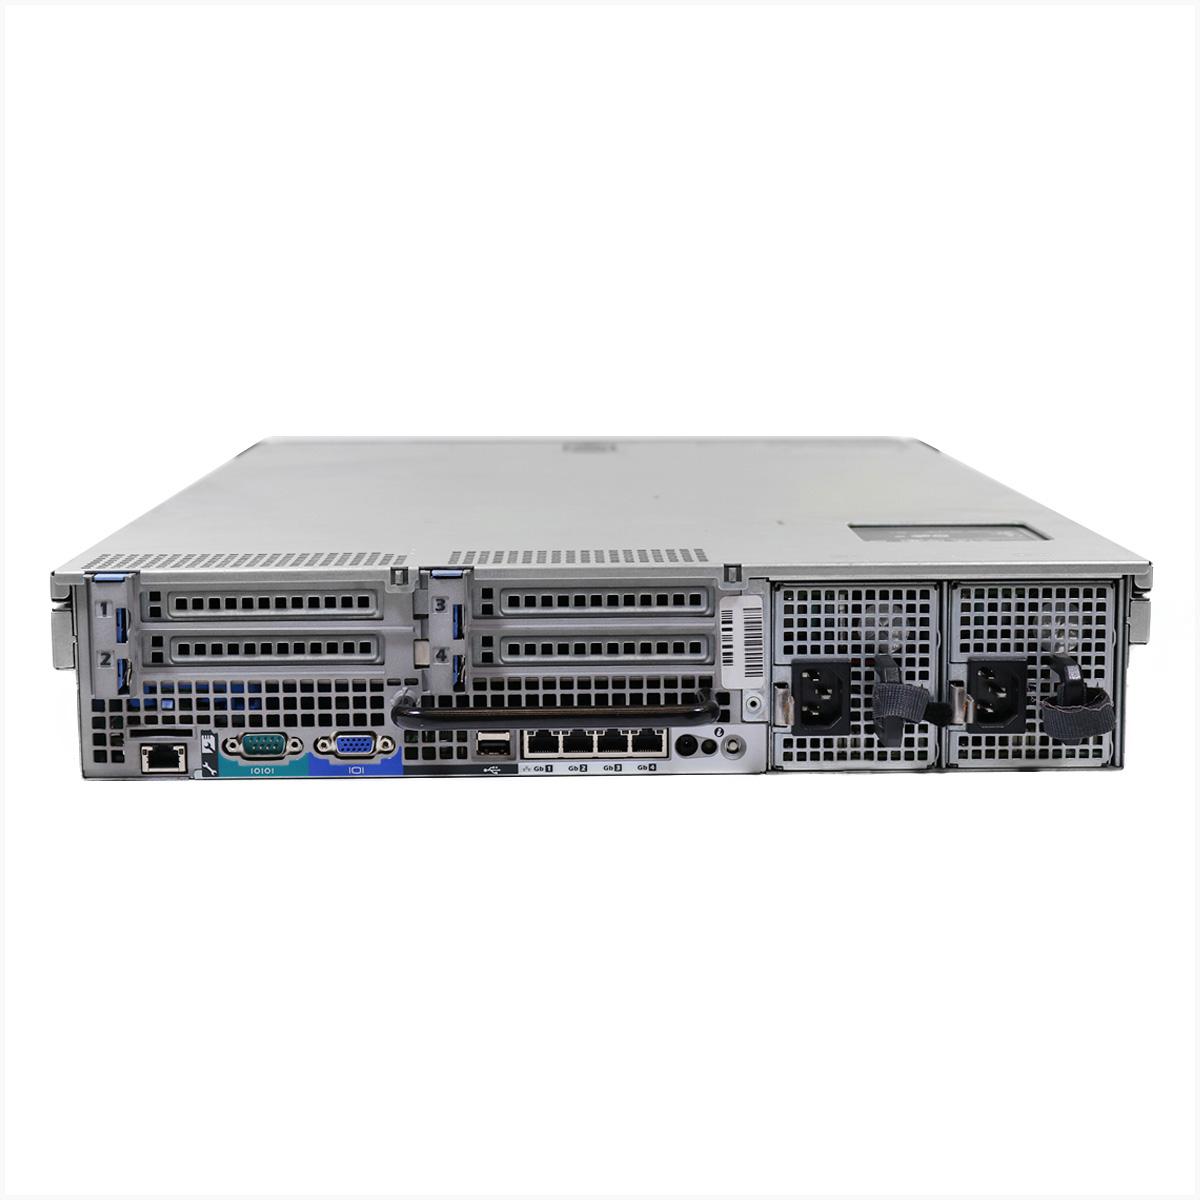 Servidor dell r710 2x xeon x5660 64gb 2x 1tb sas - usado